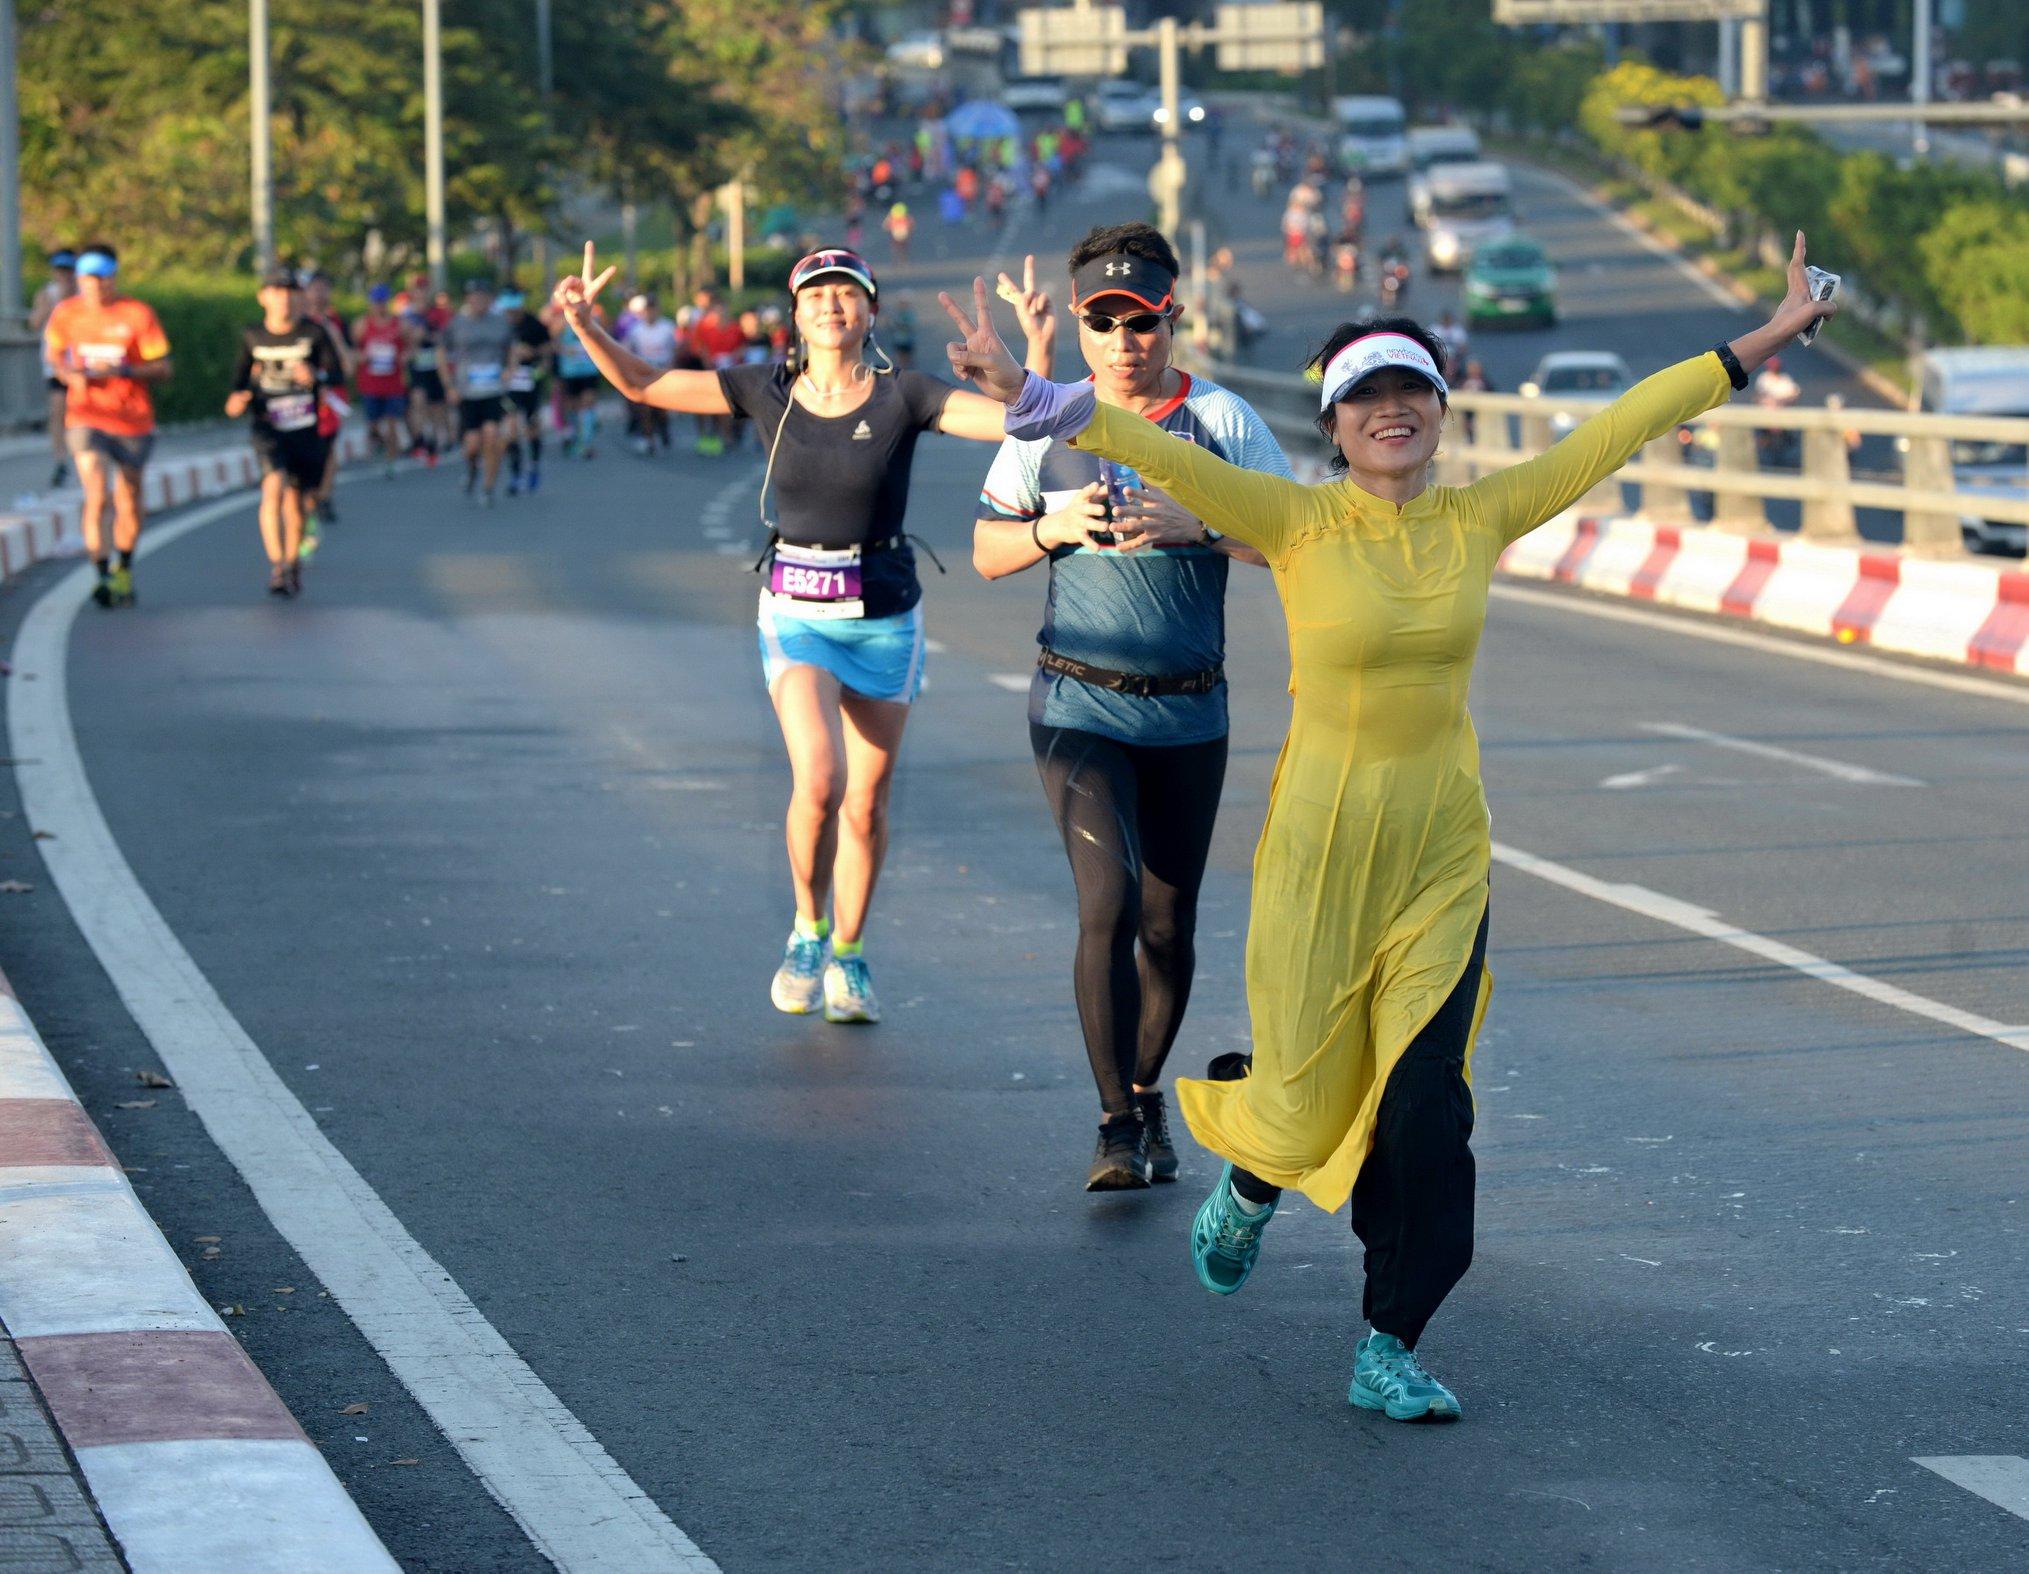 VĐV Lệ Chi mang áo dài trên đường chạy marathon nữ. | Ảnh: TTD